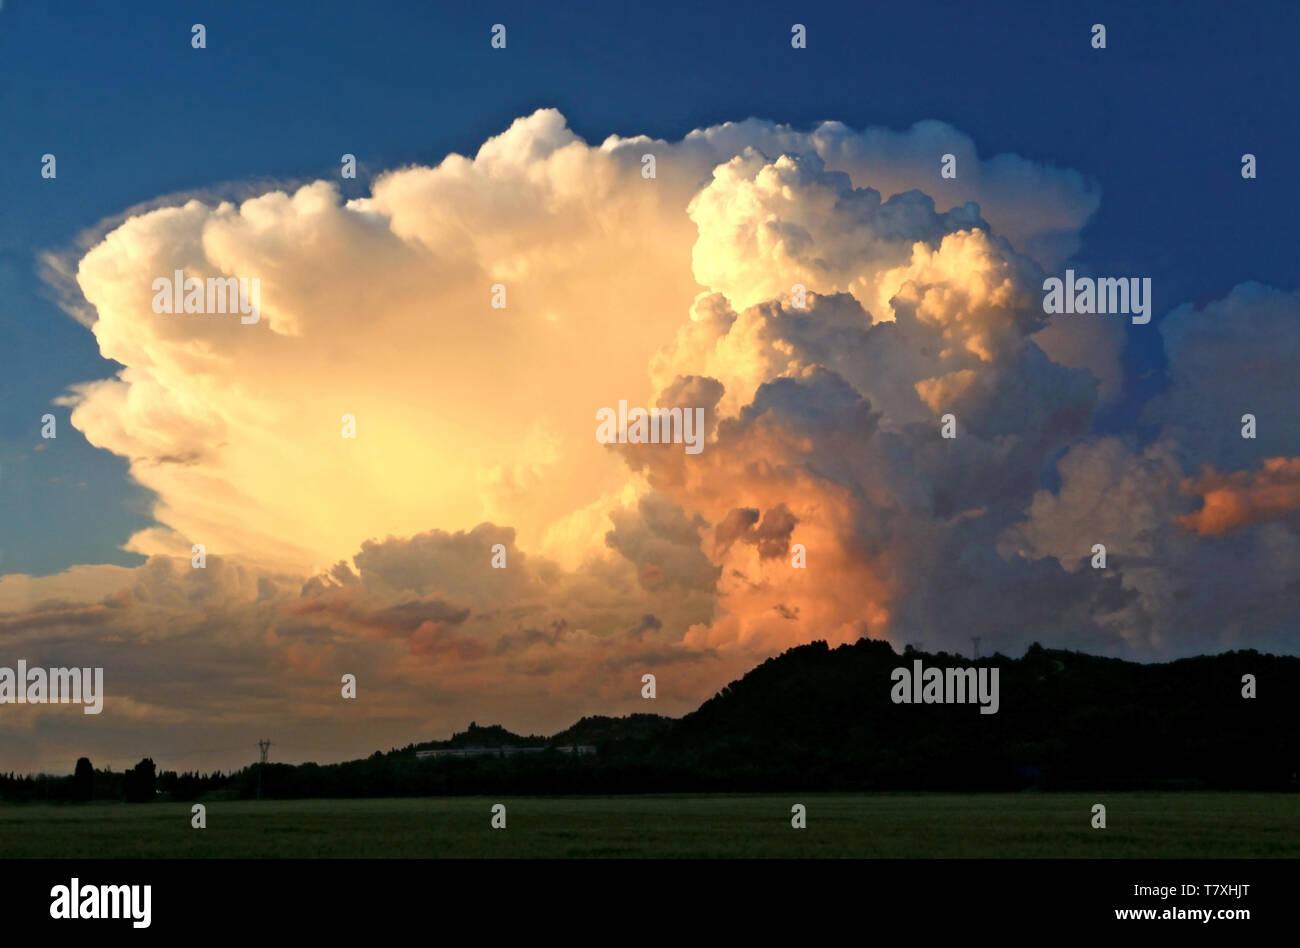 Cumulonimbus in summer at sunset. - Stock Image